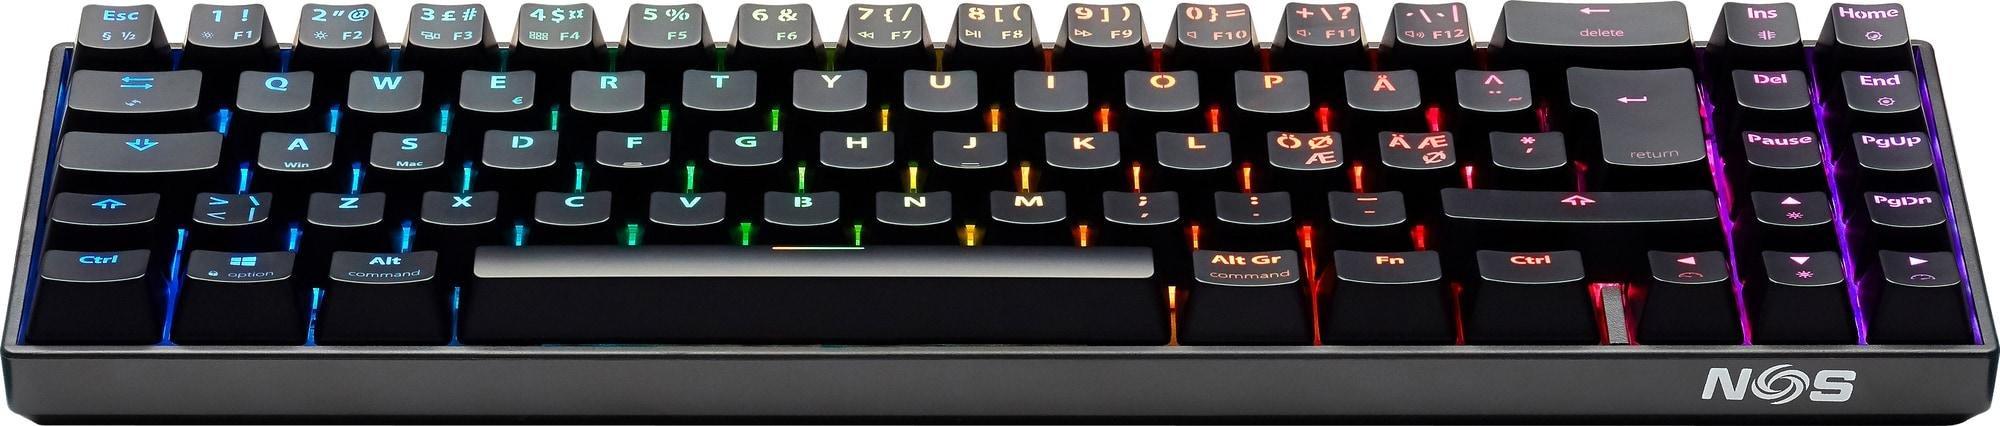 Best pris på NOS C 650 Compact PRO RGB Se priser før kjøp